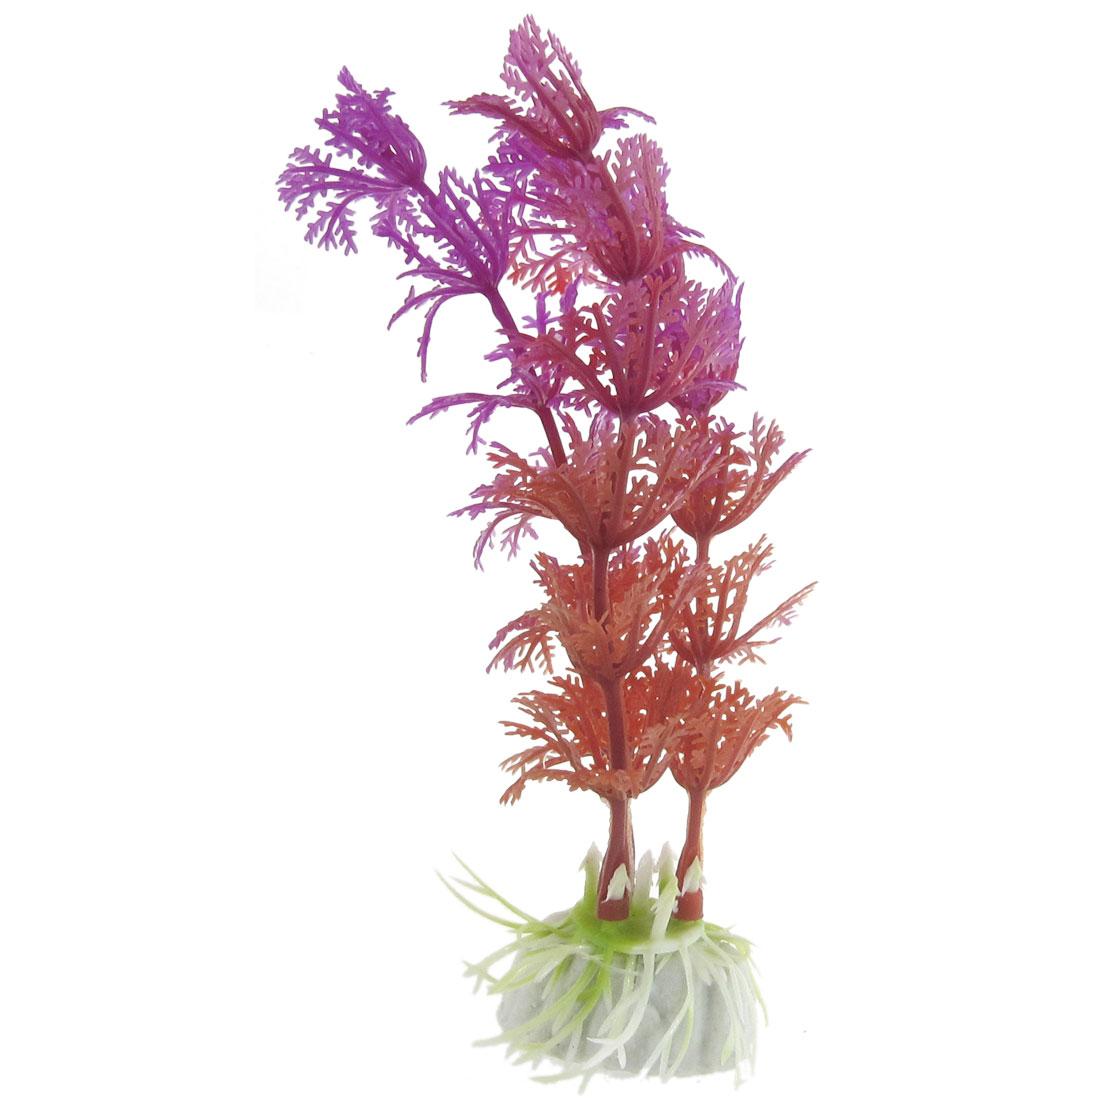 10 Pcs Aquascaping 13cm Purple Red Plastic Plant Grass for Aquarium